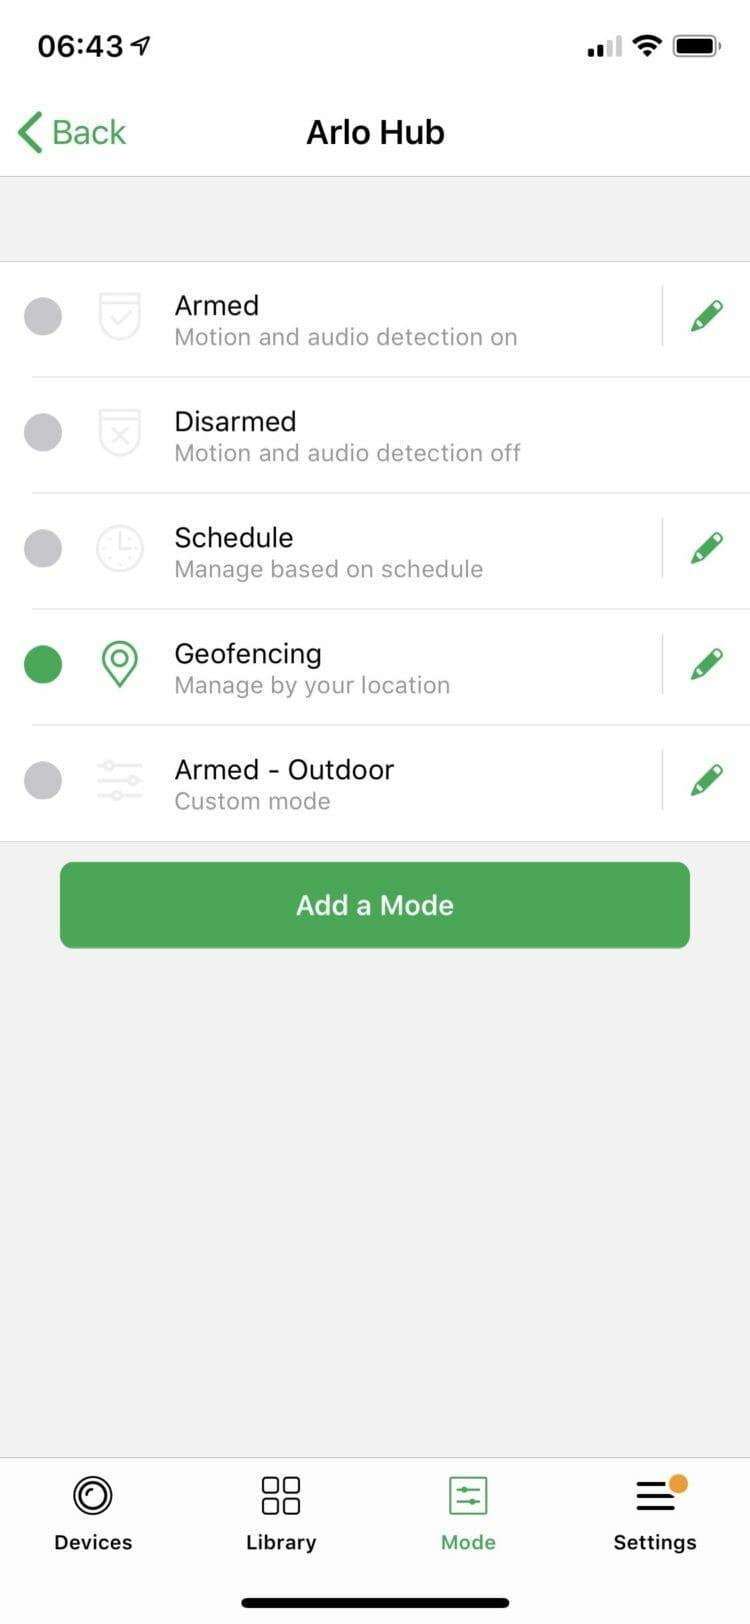 Arlo app - Modes